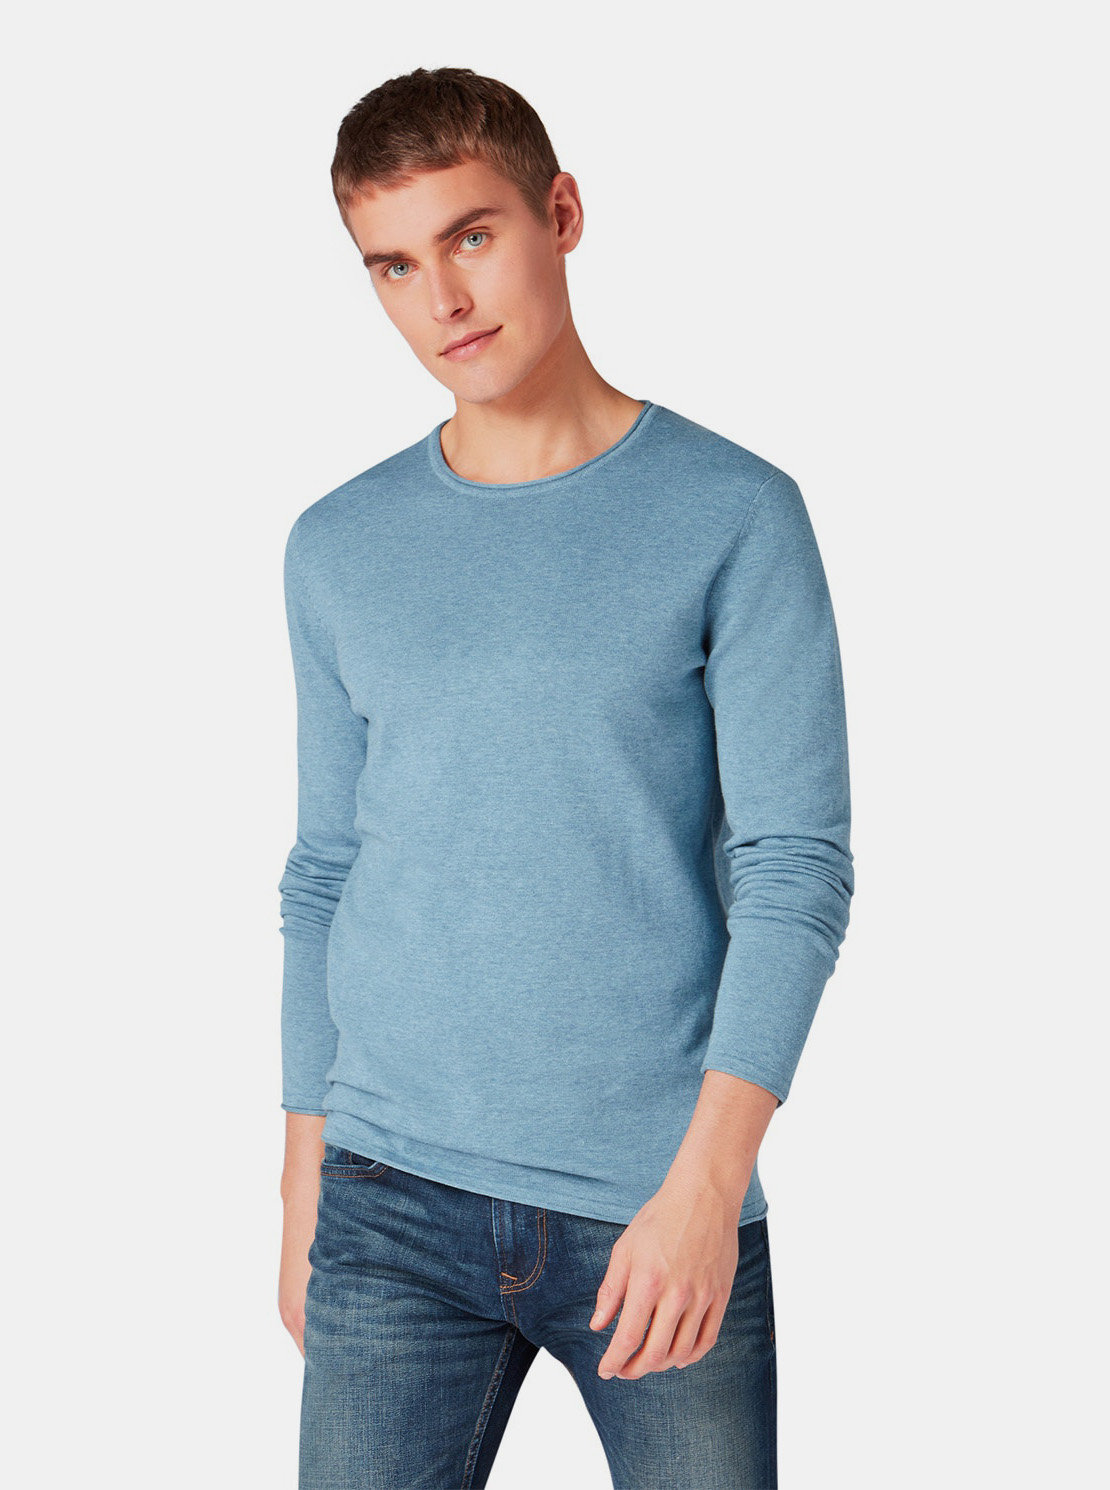 Modrý pánský lehký svetr Tom Tailor Denim ... 67b172bae4